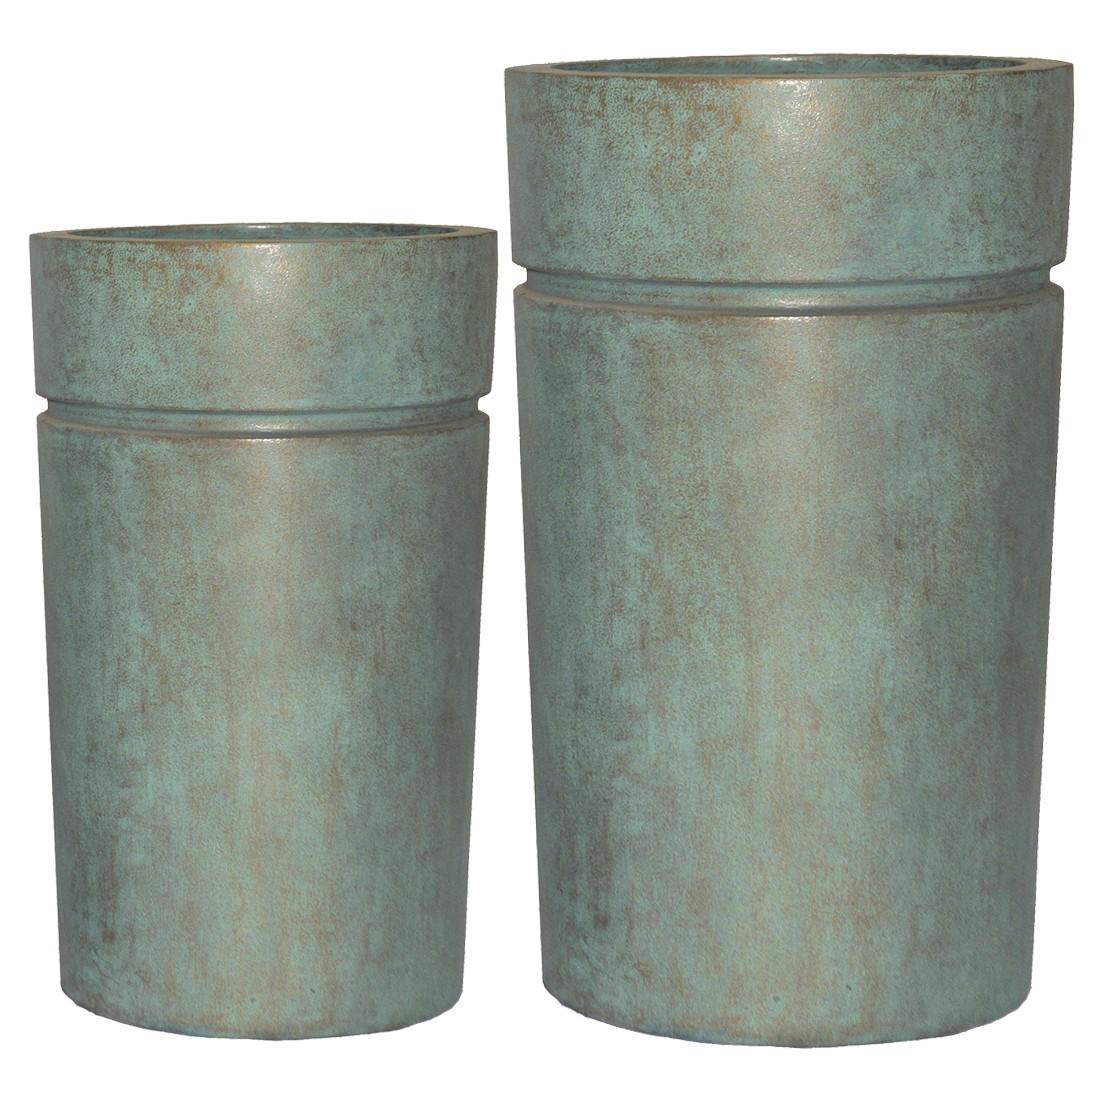 Pflanzkübel Copper Green – Kunststoff – Modern Rund – Tief – 2er-Set, Viducci's Garden online bestellen